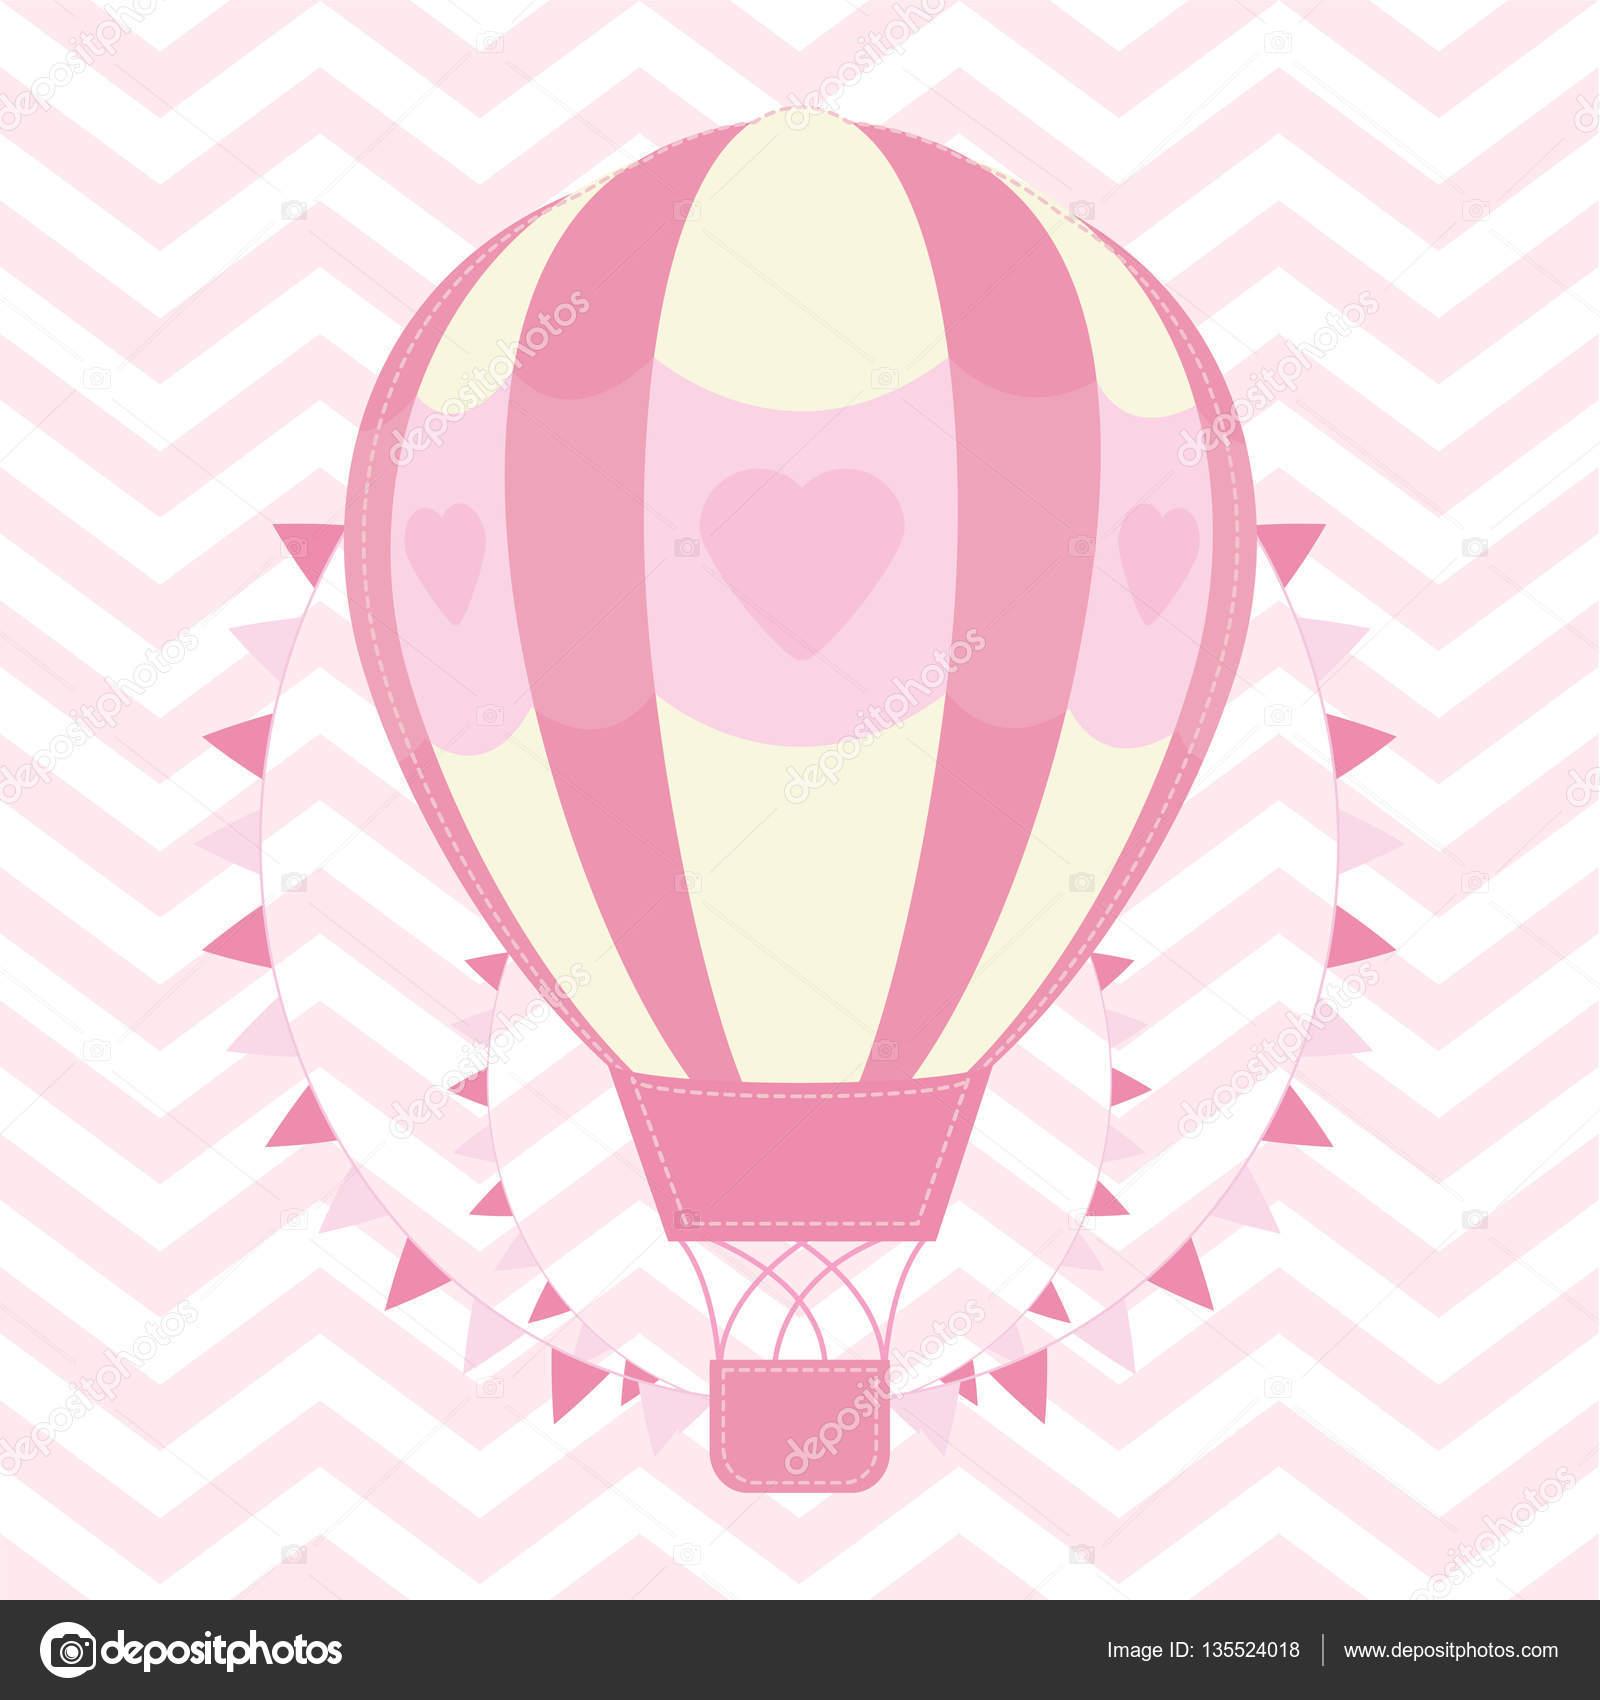 ilustraci u00f3n de la ducha con linda rosa globo aerost u00e1tico baby vector png baby vector toons